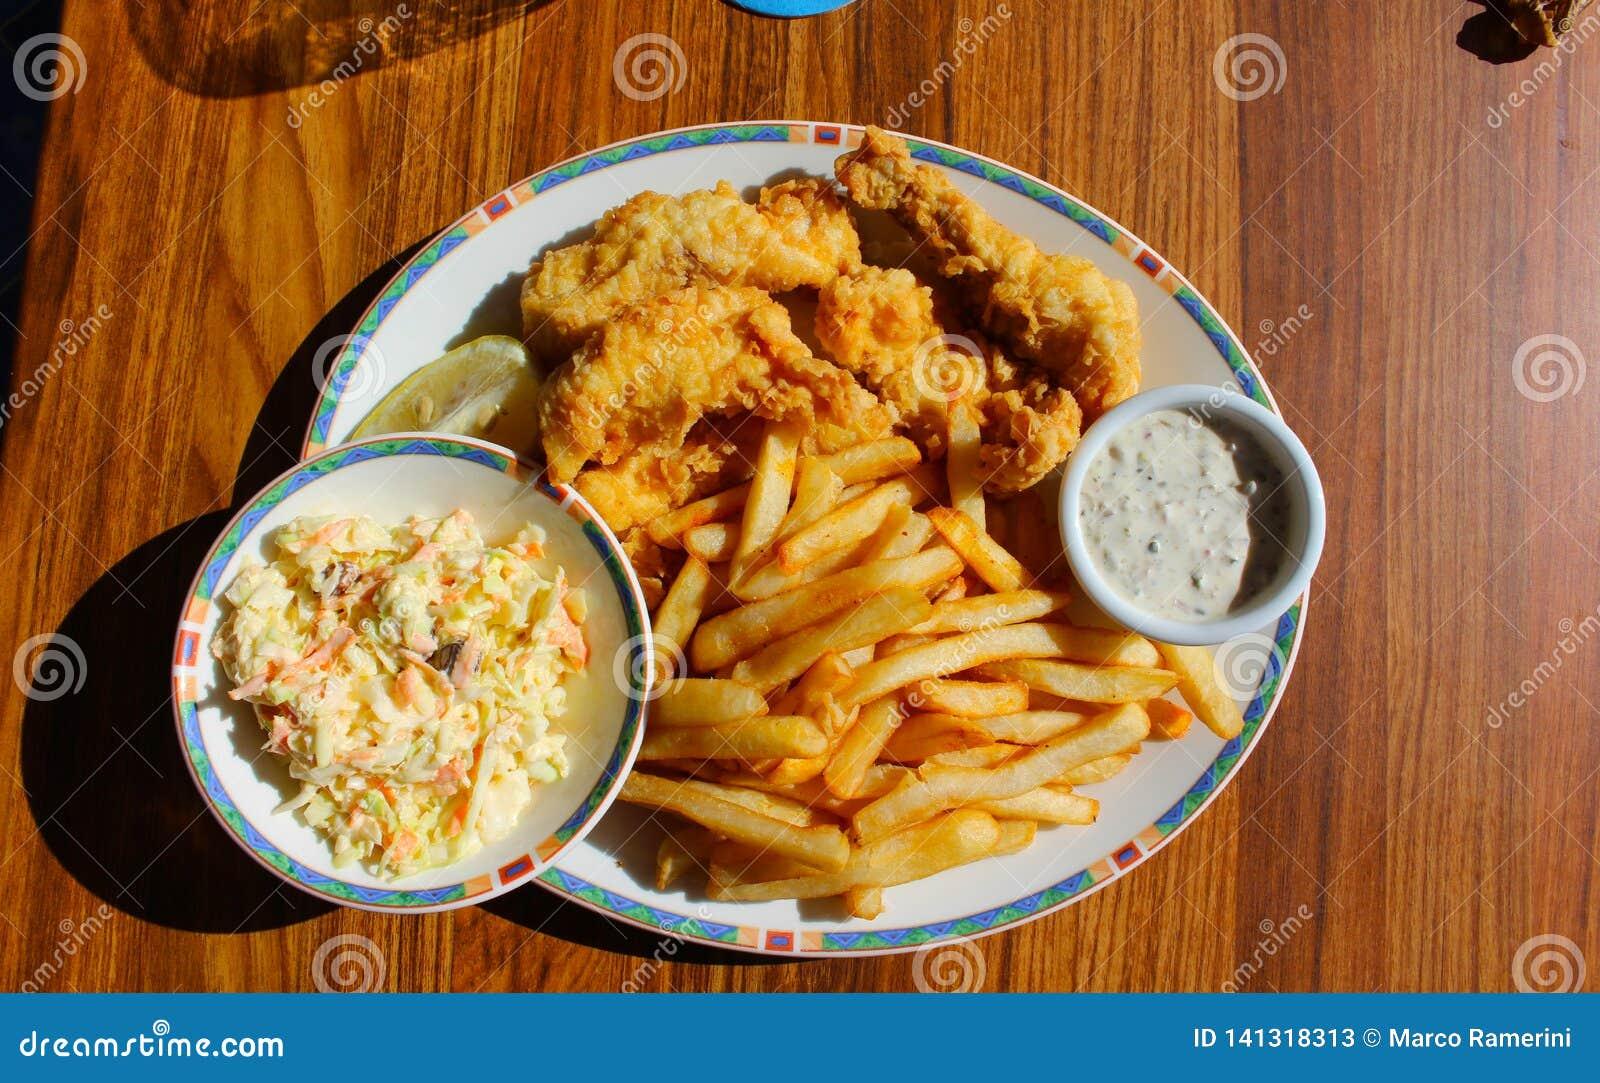 Vis met patat, Long Island, de Bahamas